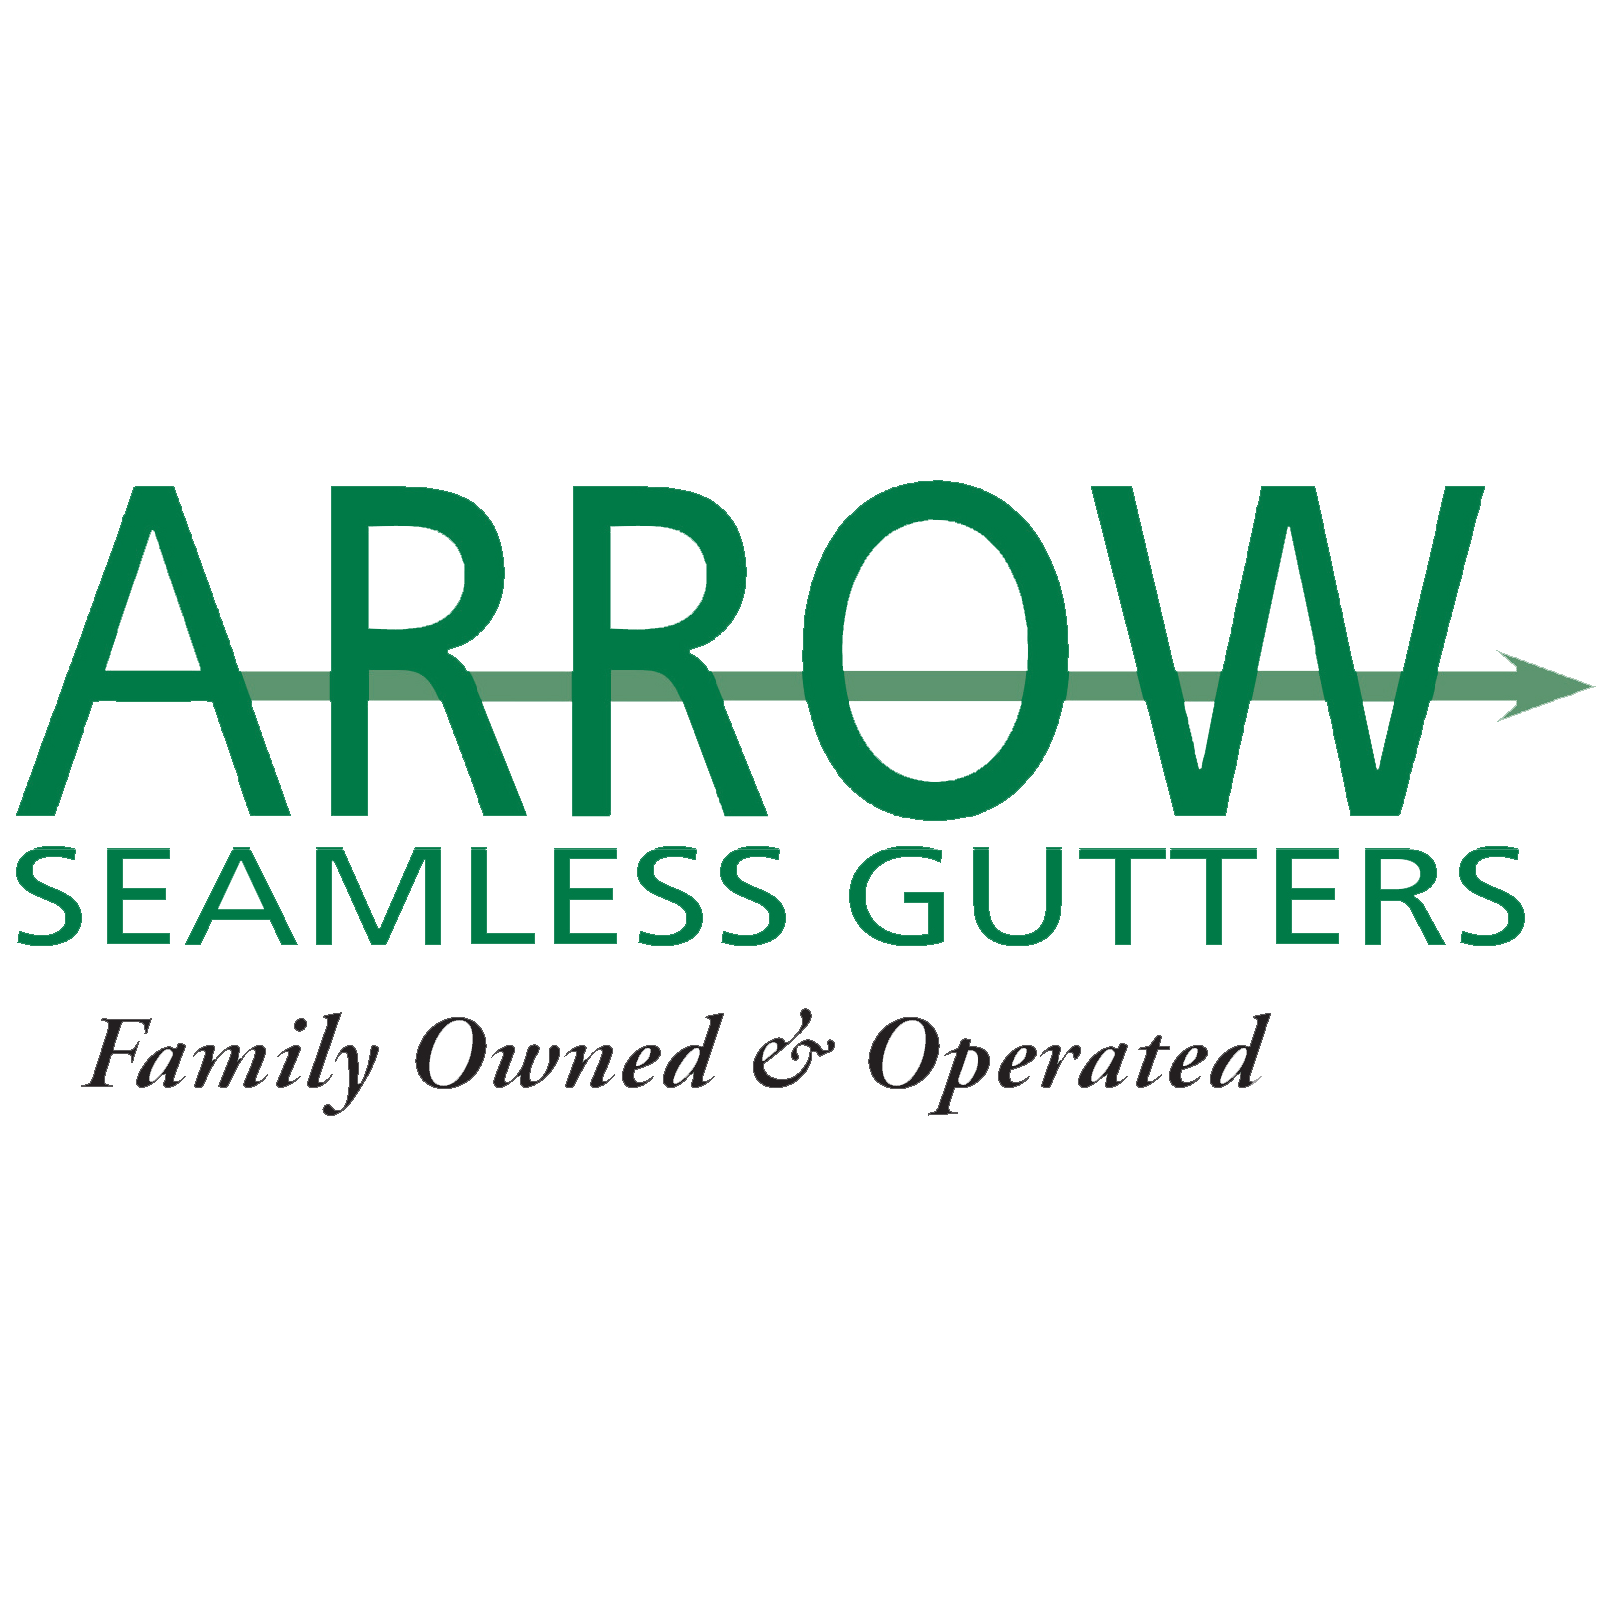 Arrow Seamless Gutter